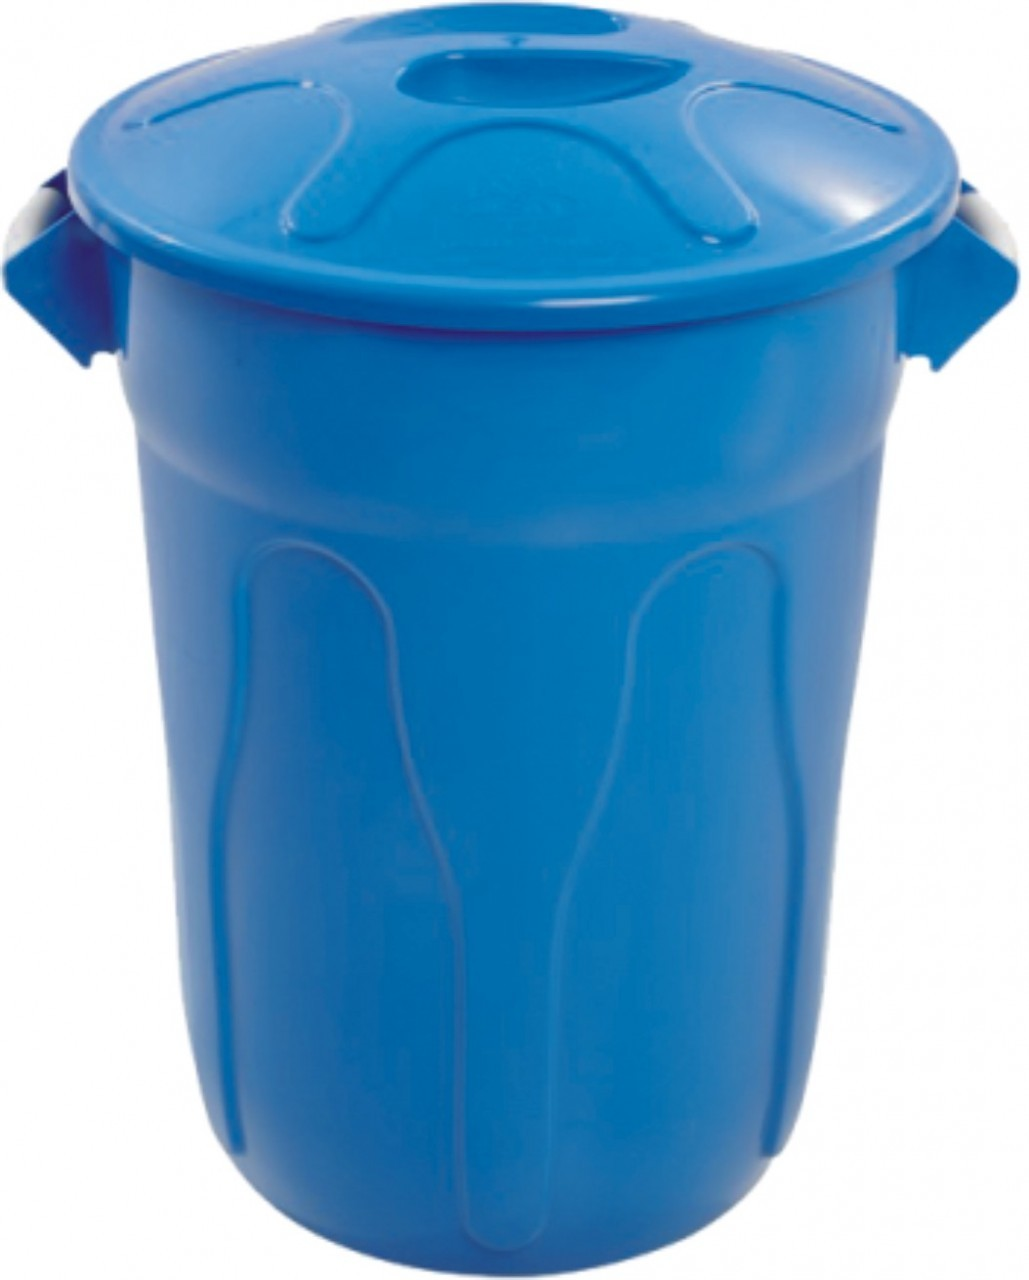 Cesto de Lixo tipo Balde 40 Litros